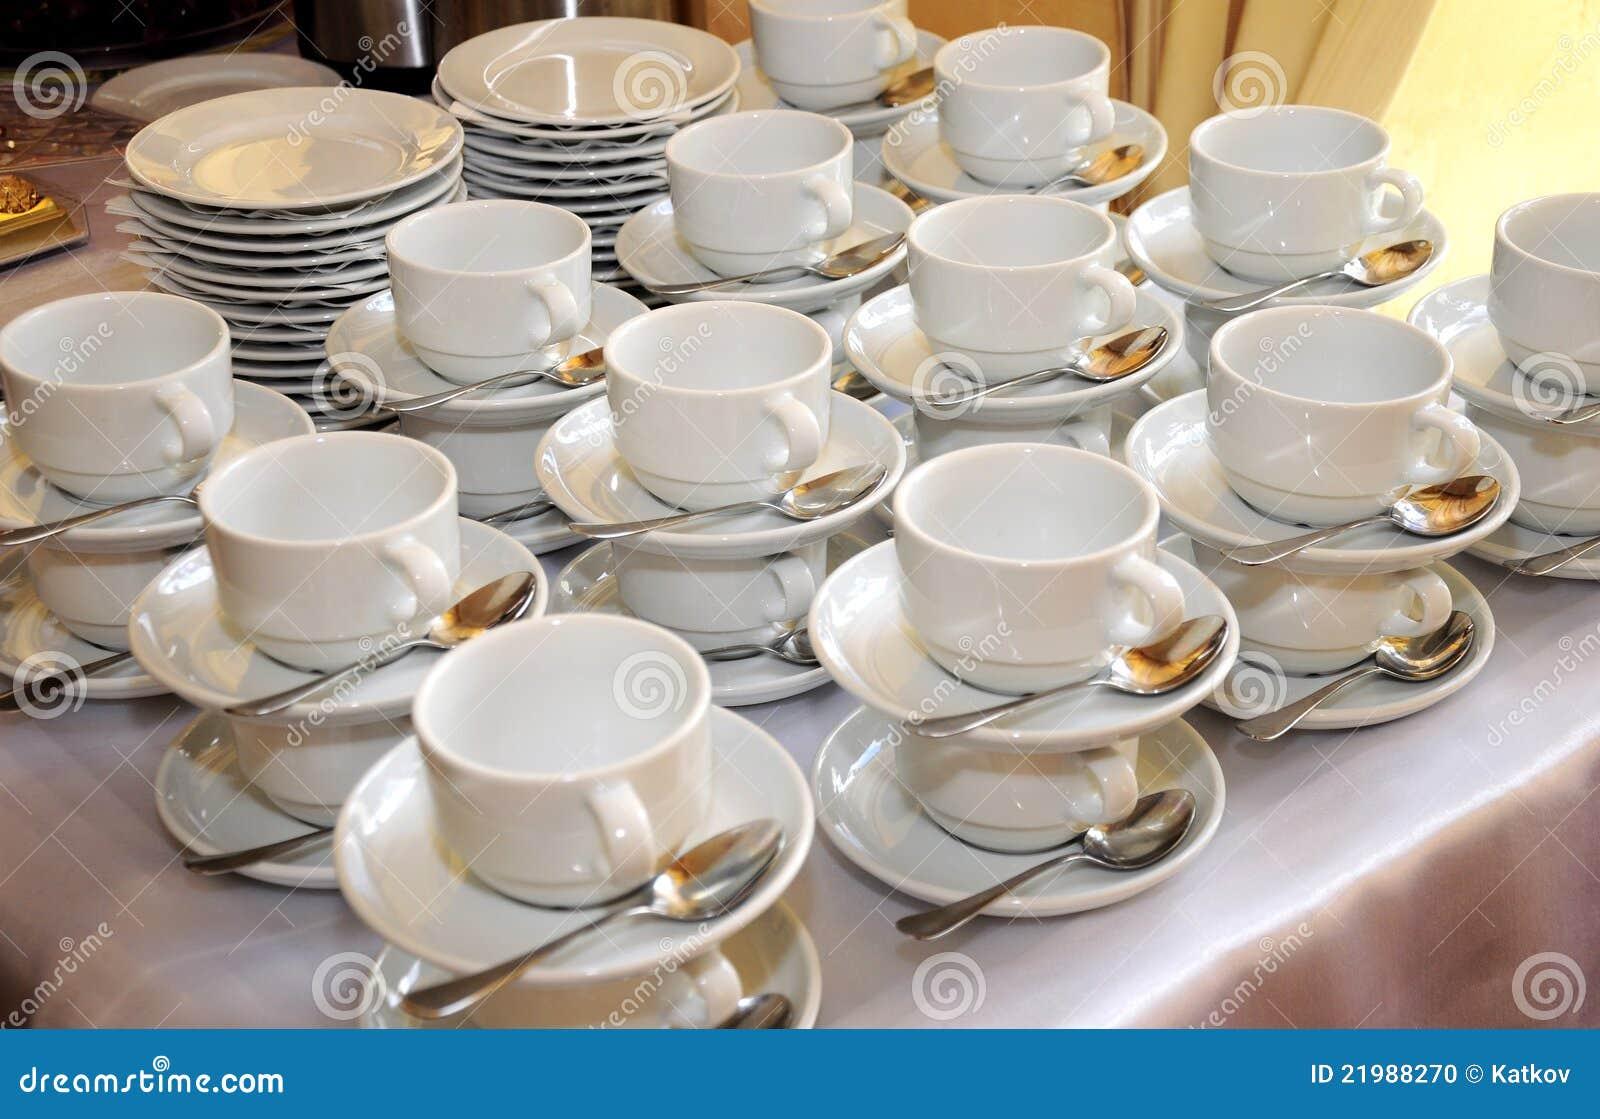 Vaisselle blanche photo stock image 21988270 for Vaisselle de restaurant